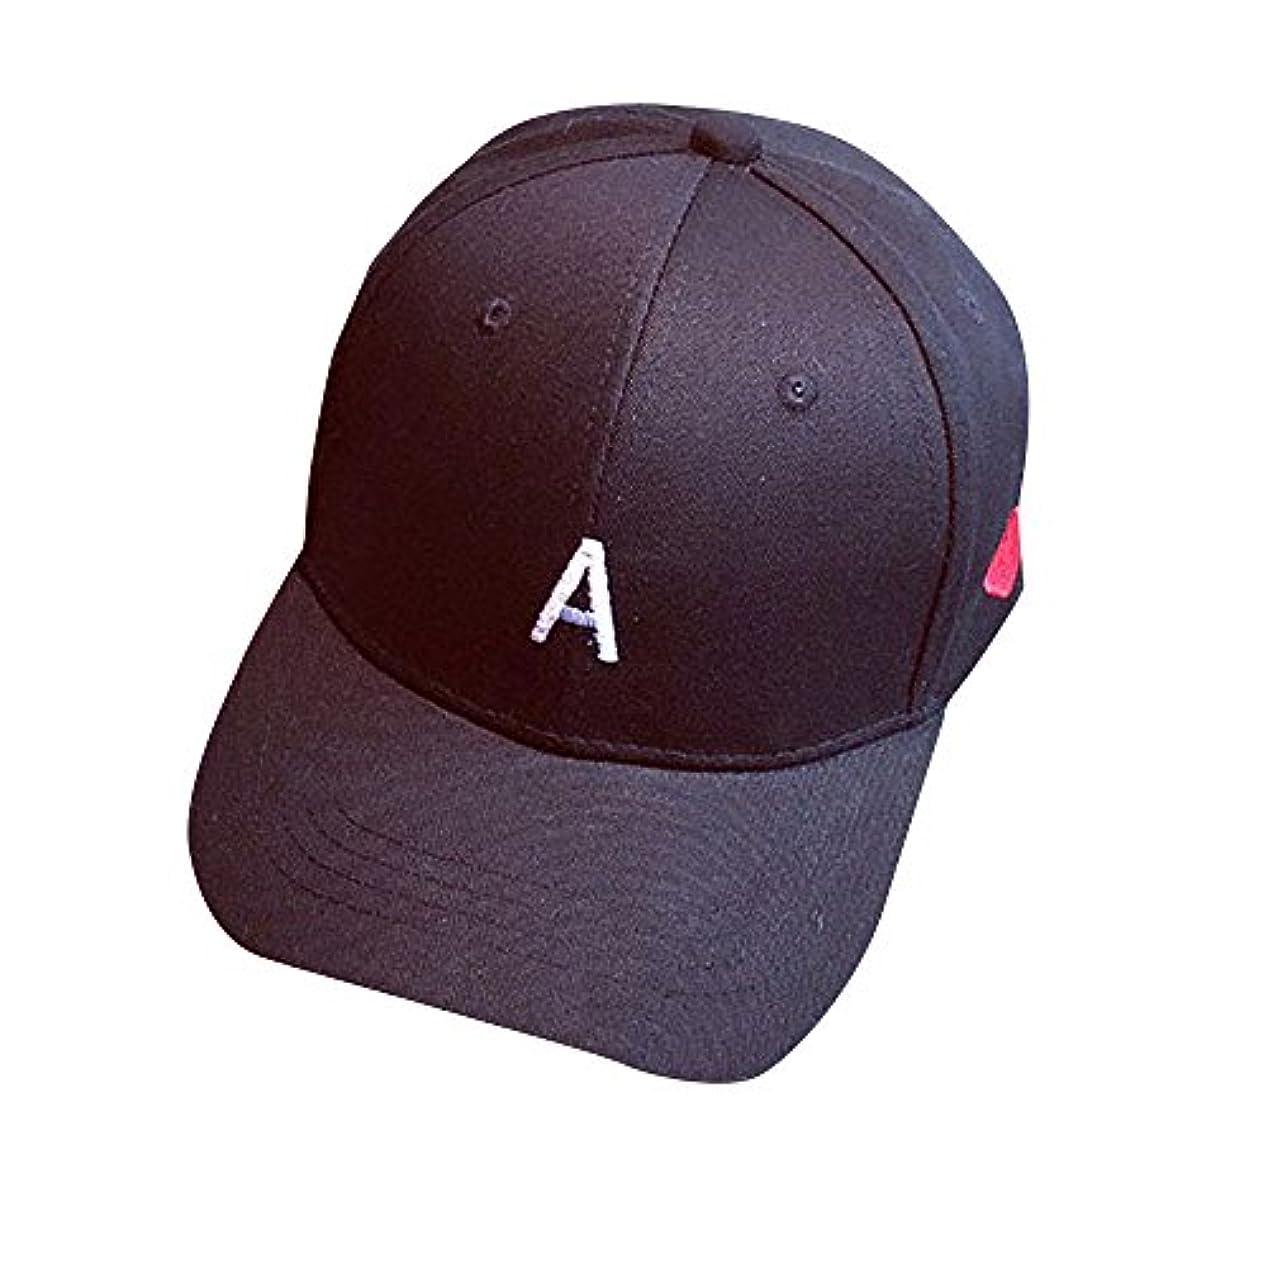 協同マイコンレモンRacazing Cap 文字刺繍 野球帽 無地 キャップ 夏 登山 通気性のある 帽子 ベルクロ 可調整可能 ヒップホップ 棒球帽 UV 帽子 軽量 屋外 Unisex Hat (黒)